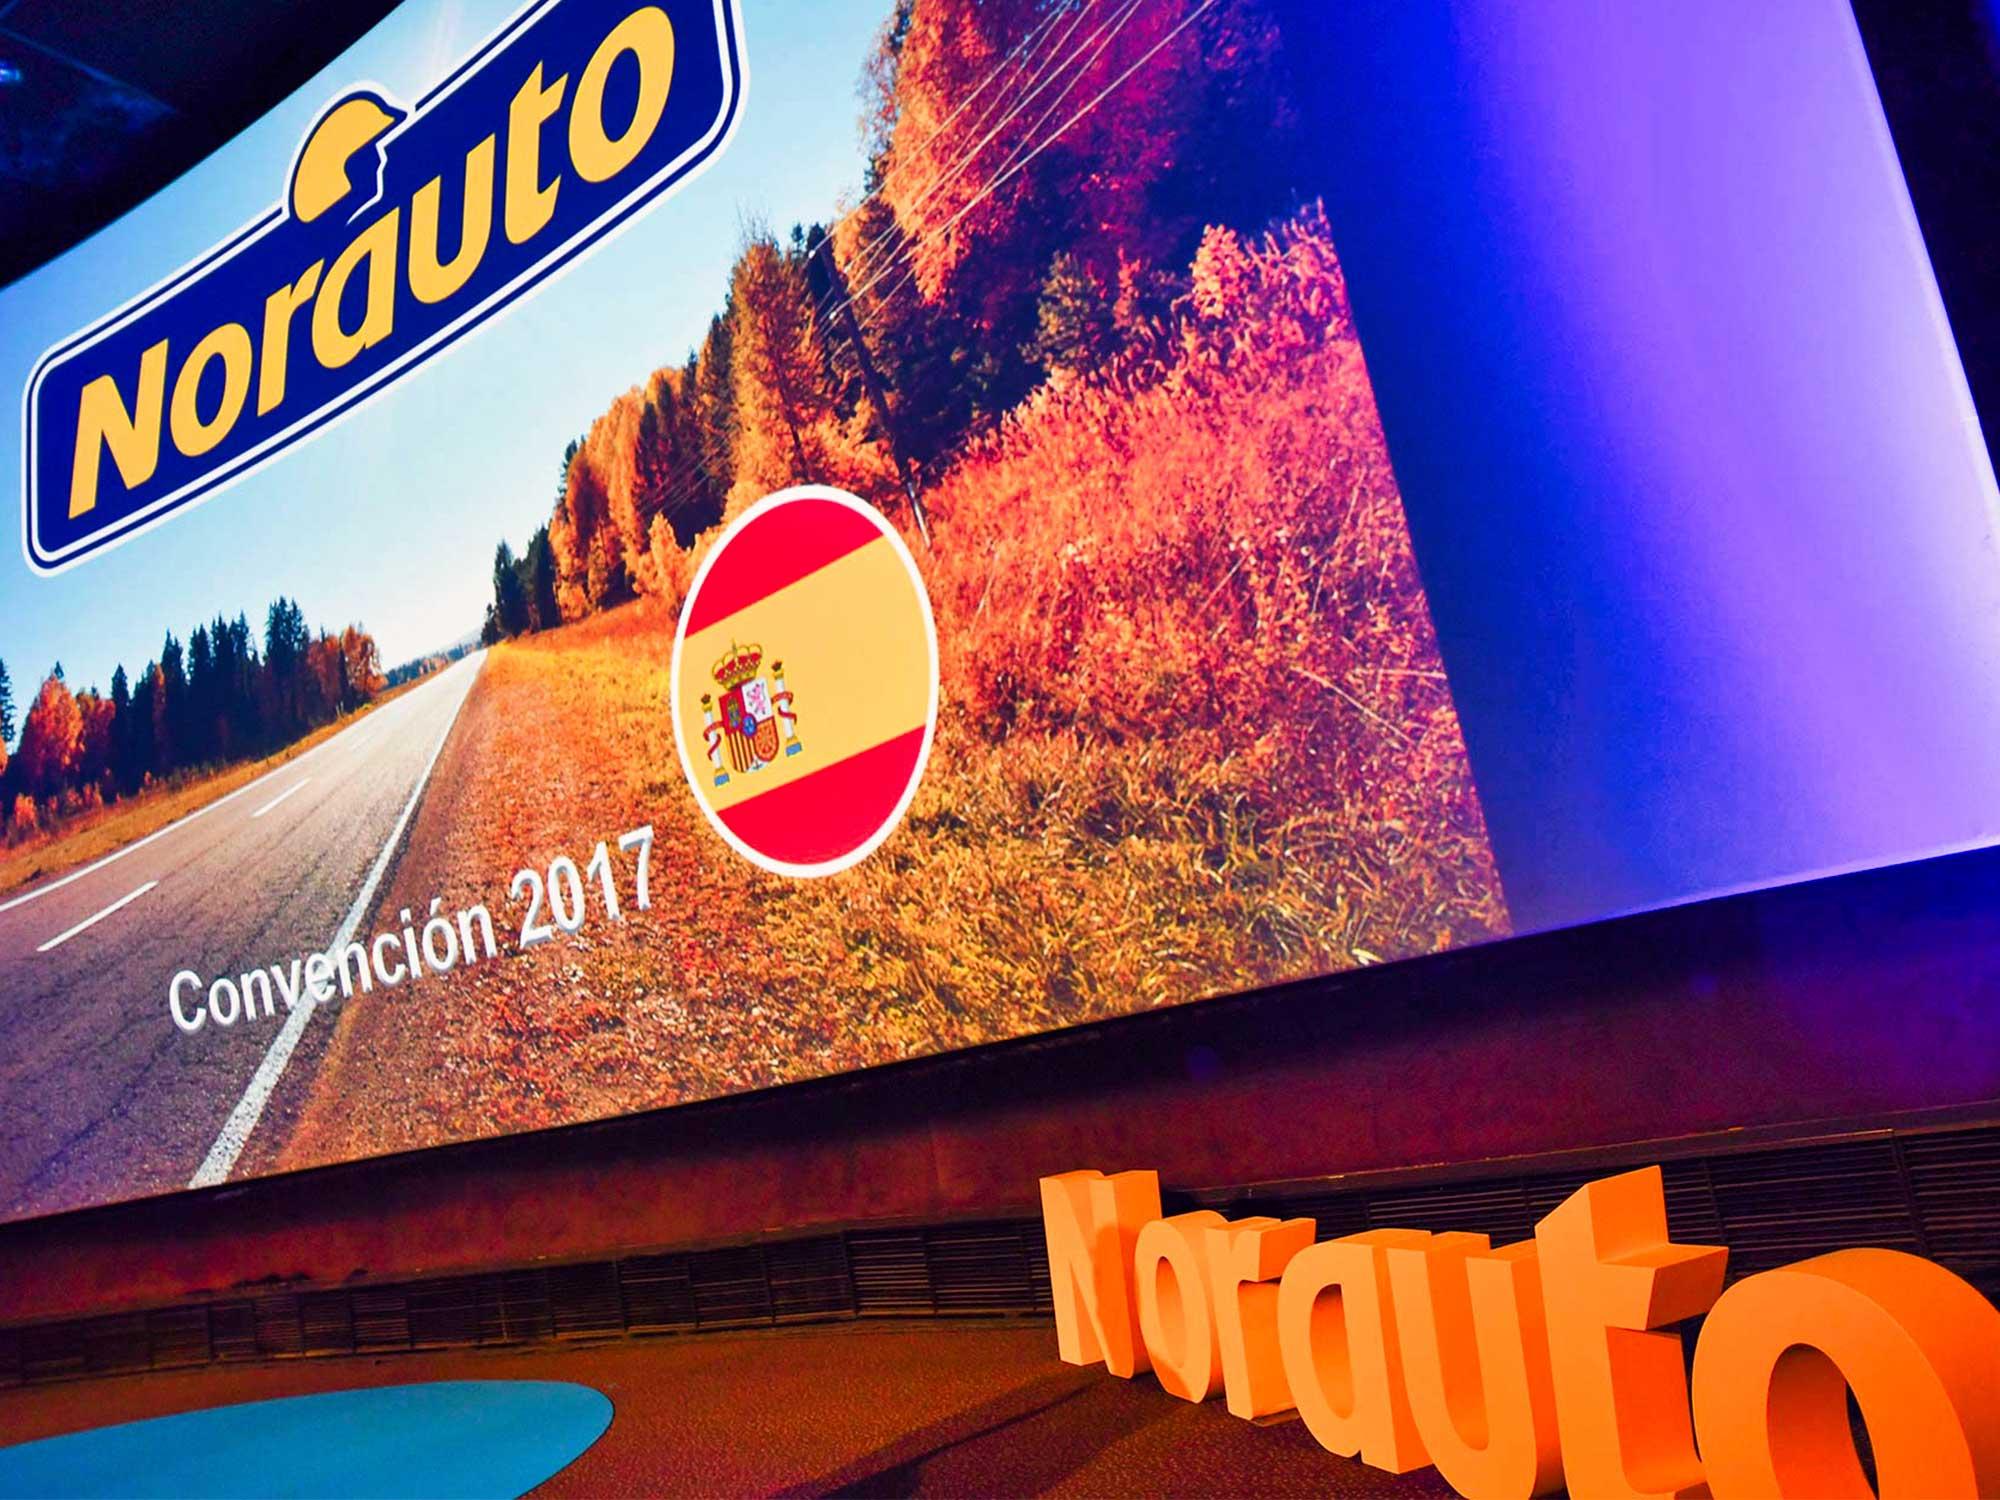 Convención Norauto 2017